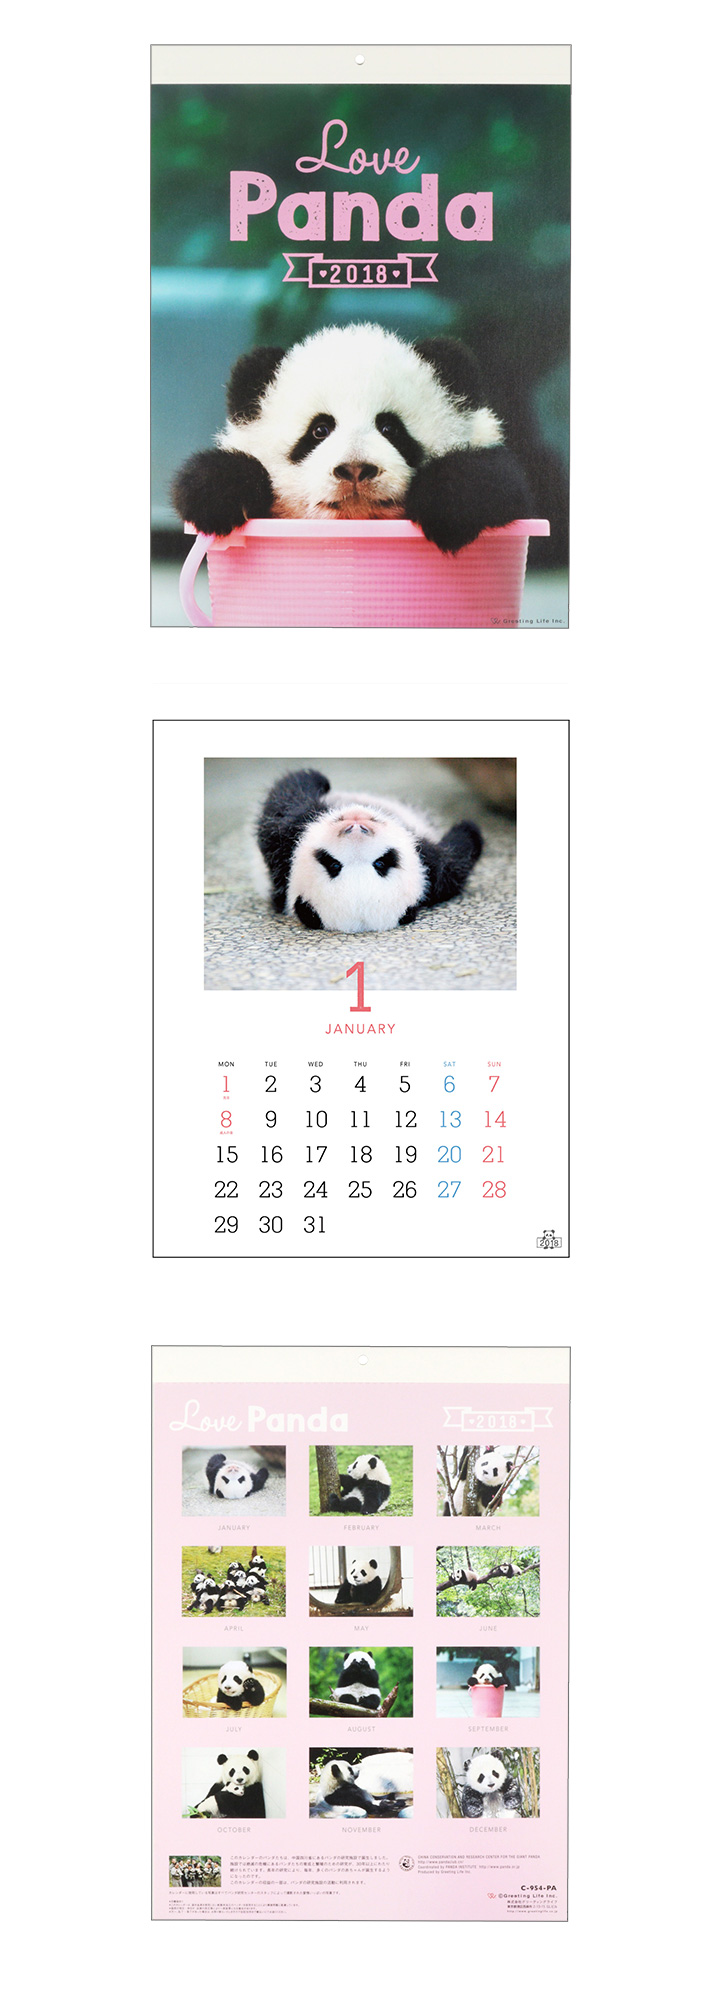 2018 ラブパンダ壁掛カレンダー